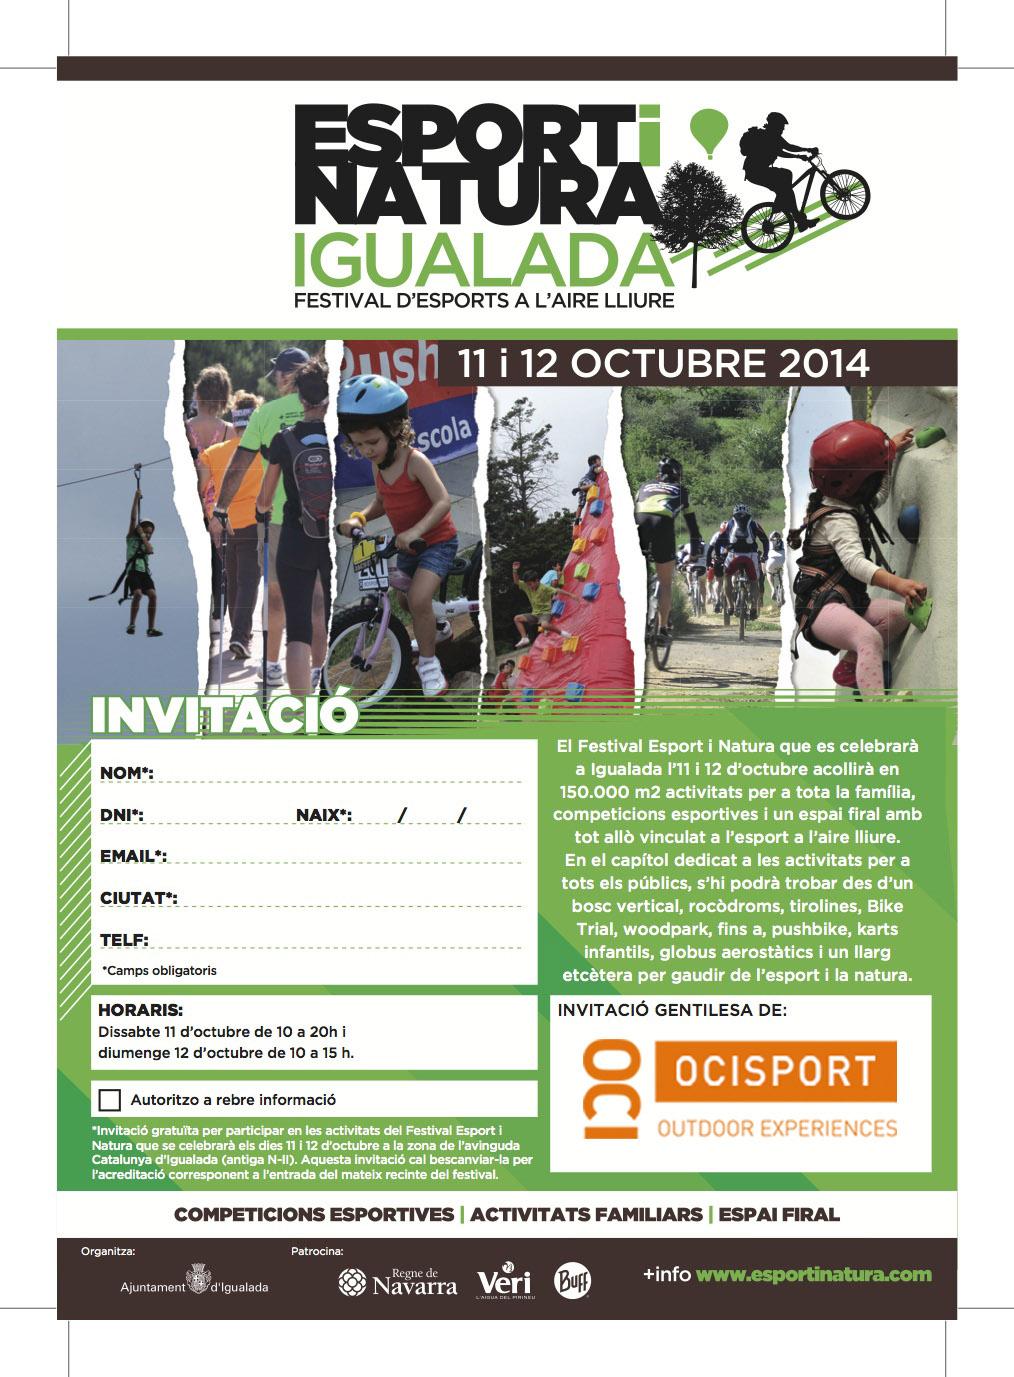 Ocisport et convida a gaudir d'un complet cap de setmana de lleure i esport per a tota la família al festival Esport i Natura